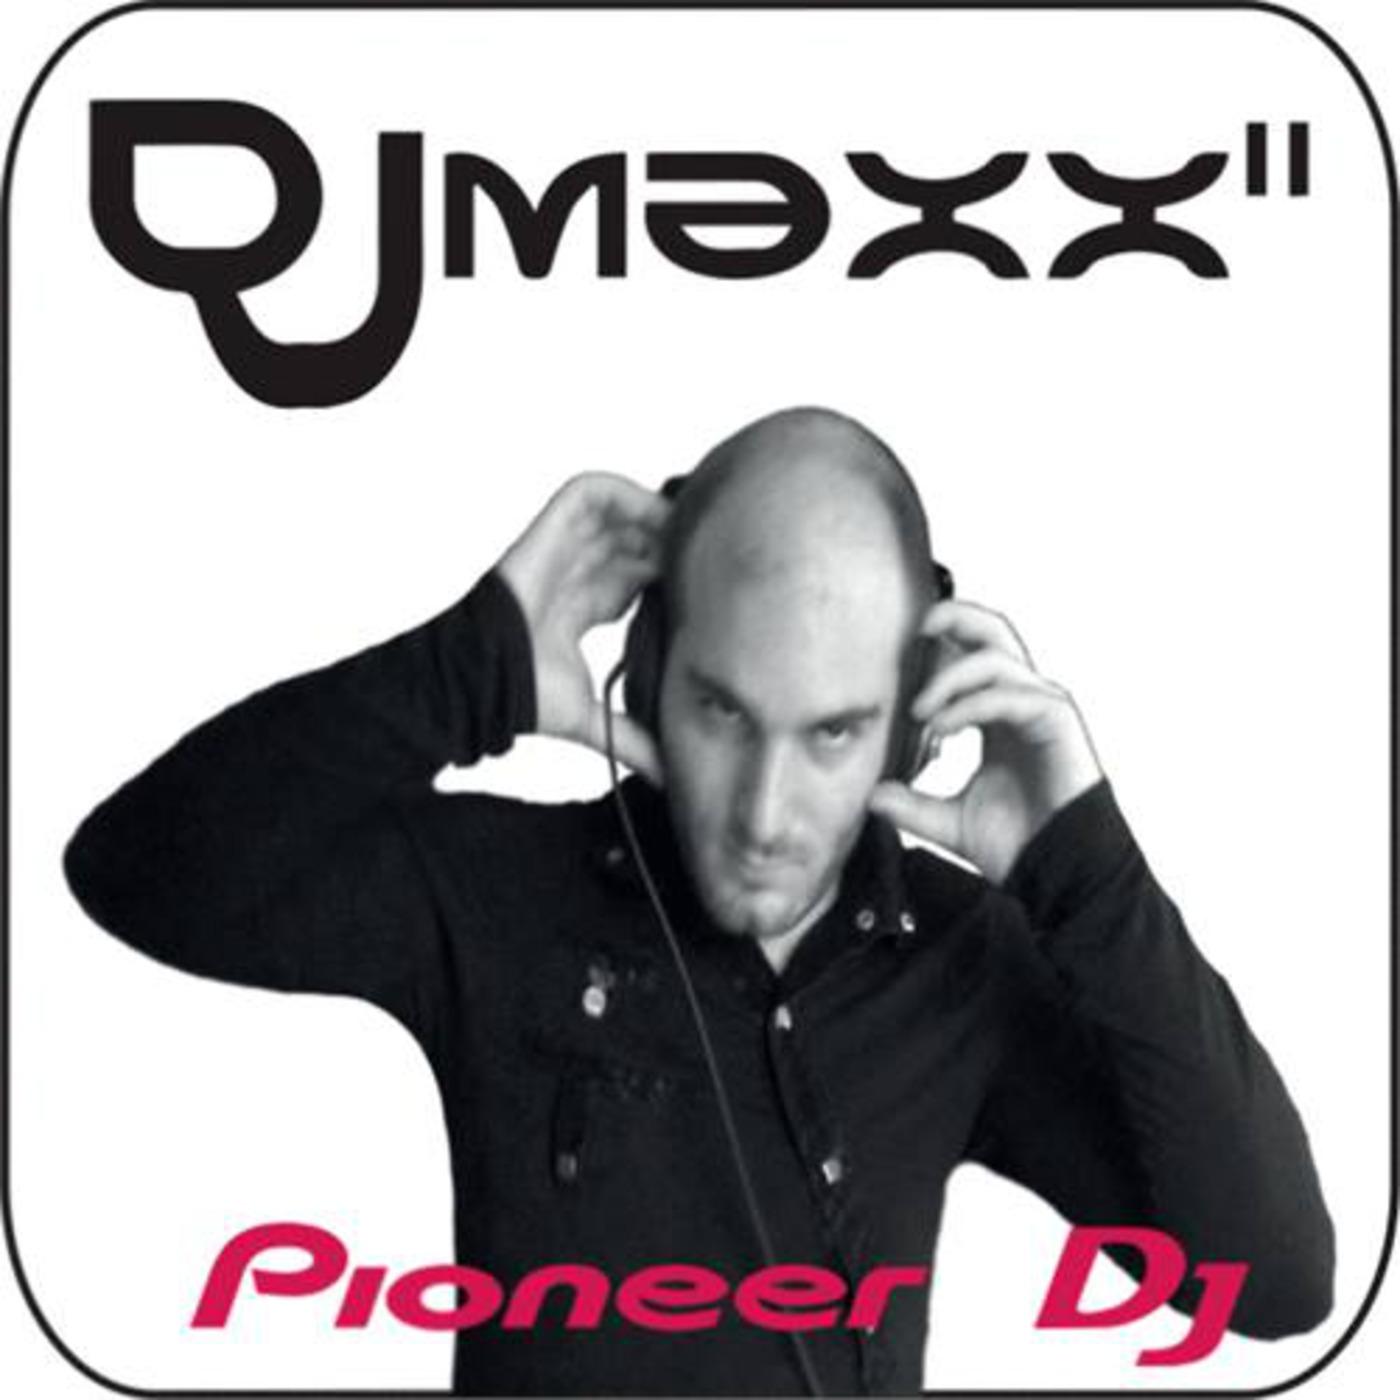 Djmaxx